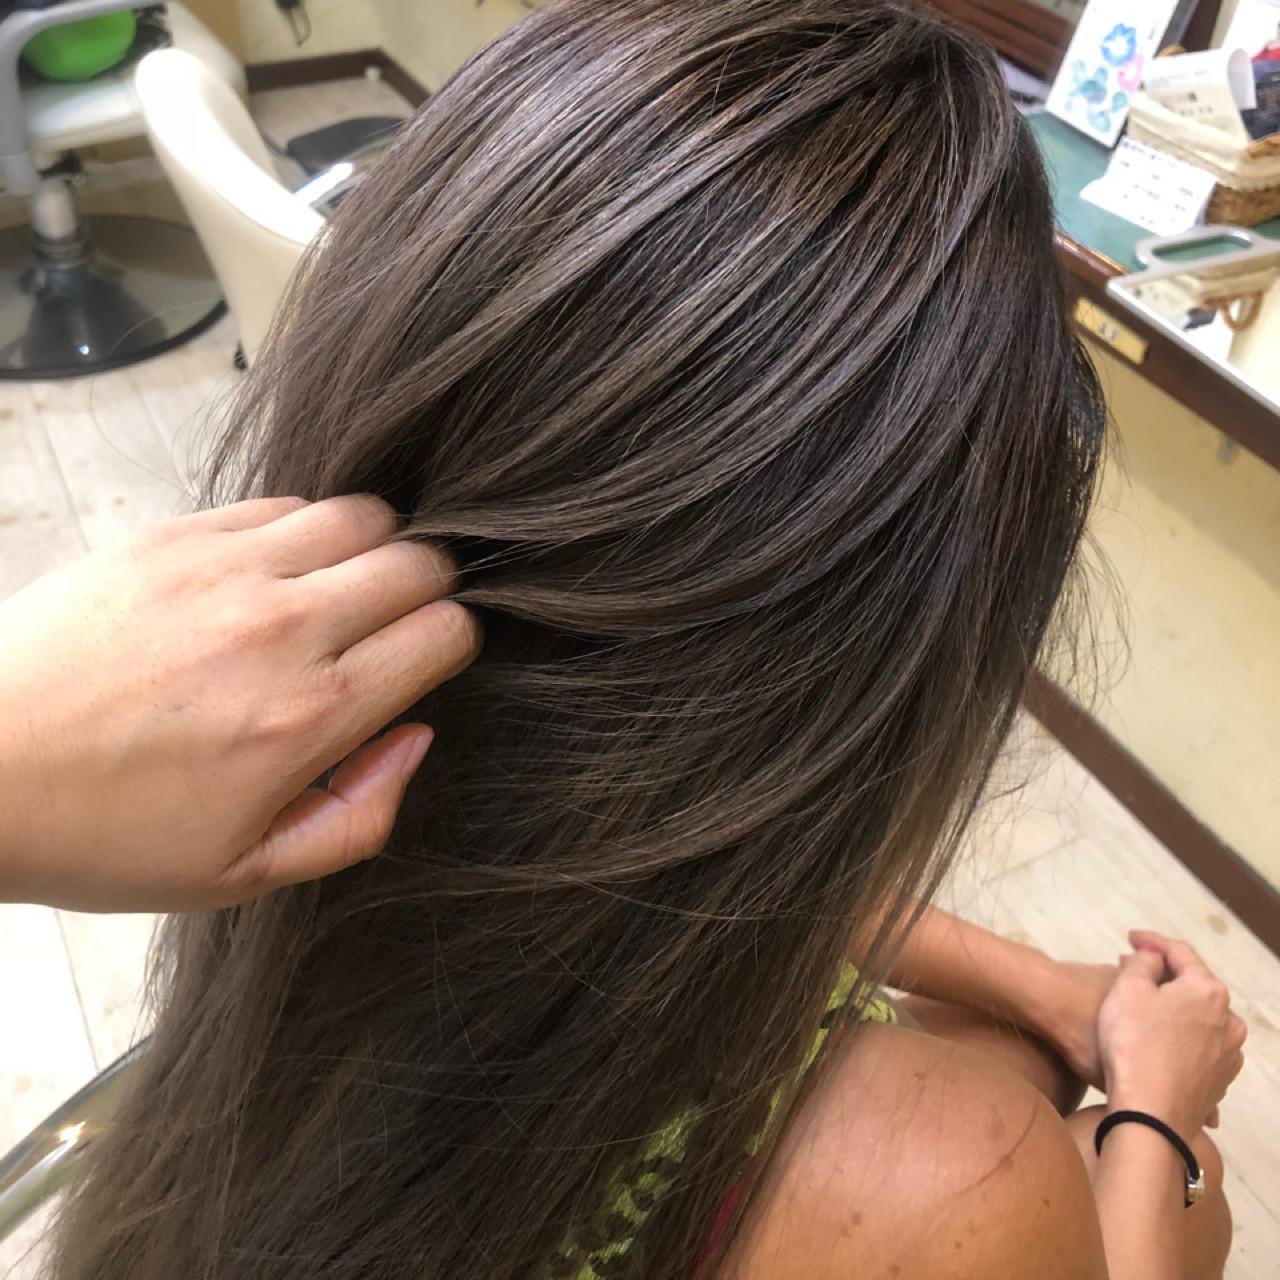 ロング 女子力 外国人風カラー アッシュ ヘアスタイルや髪型の写真・画像 | TMe hair/tomoe chiba / TMe hair川崎小田